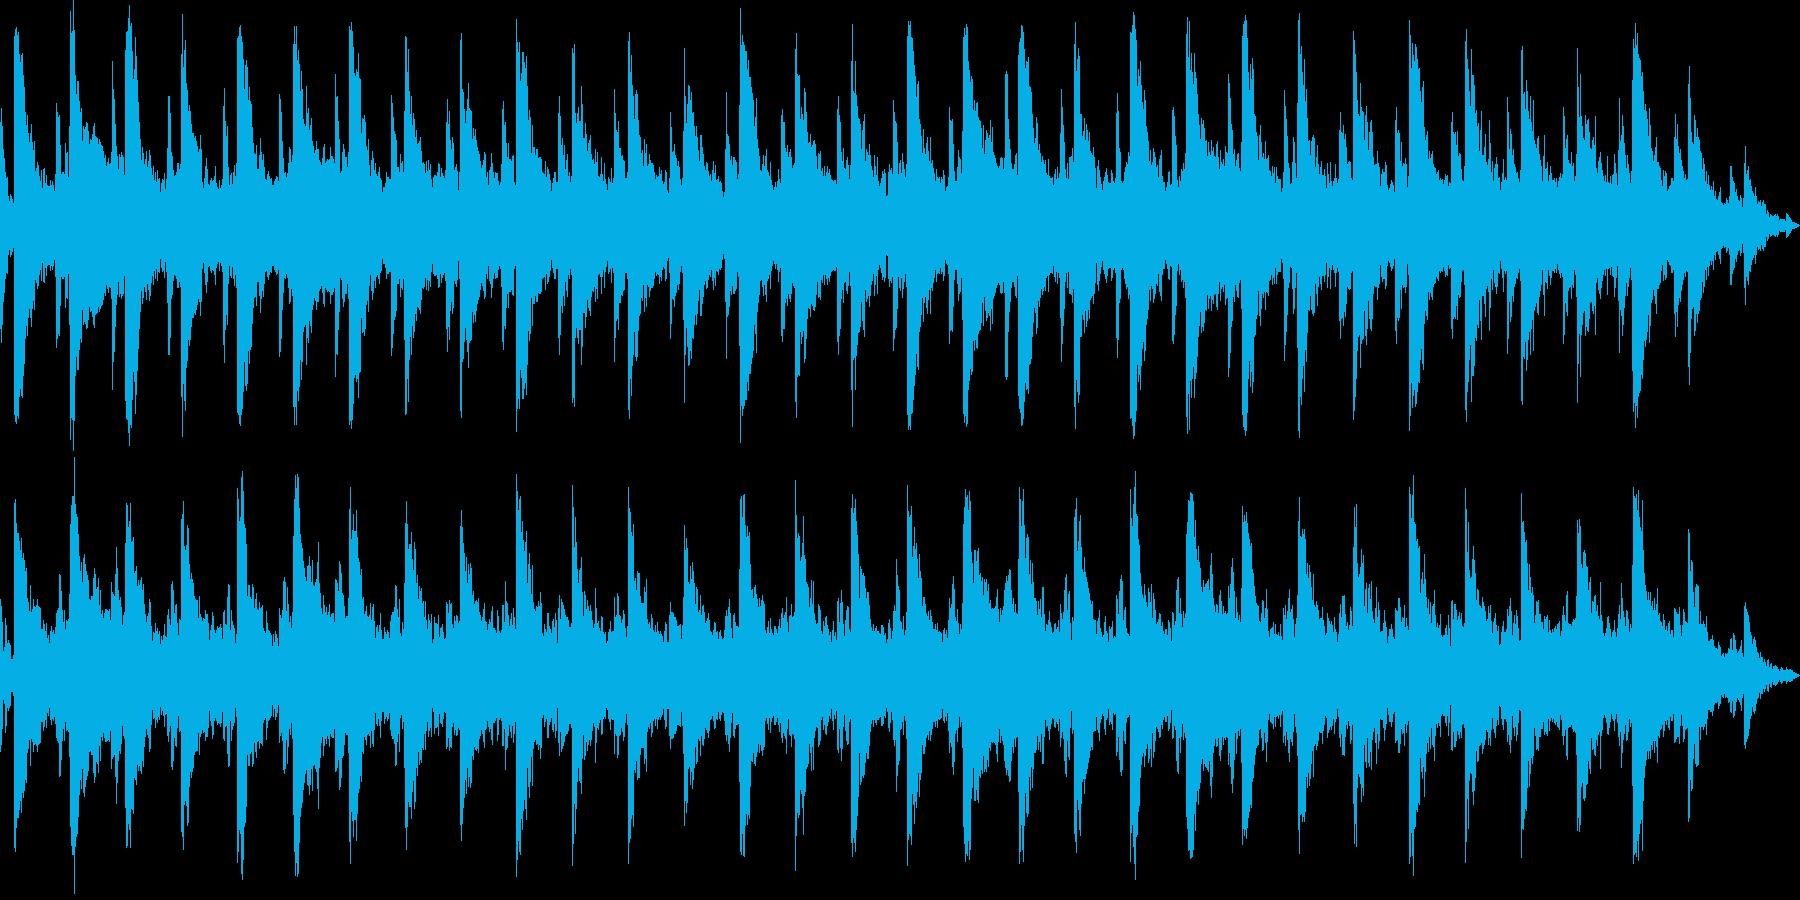 ファンタジーRPGの遺跡、特に大空洞の…の再生済みの波形